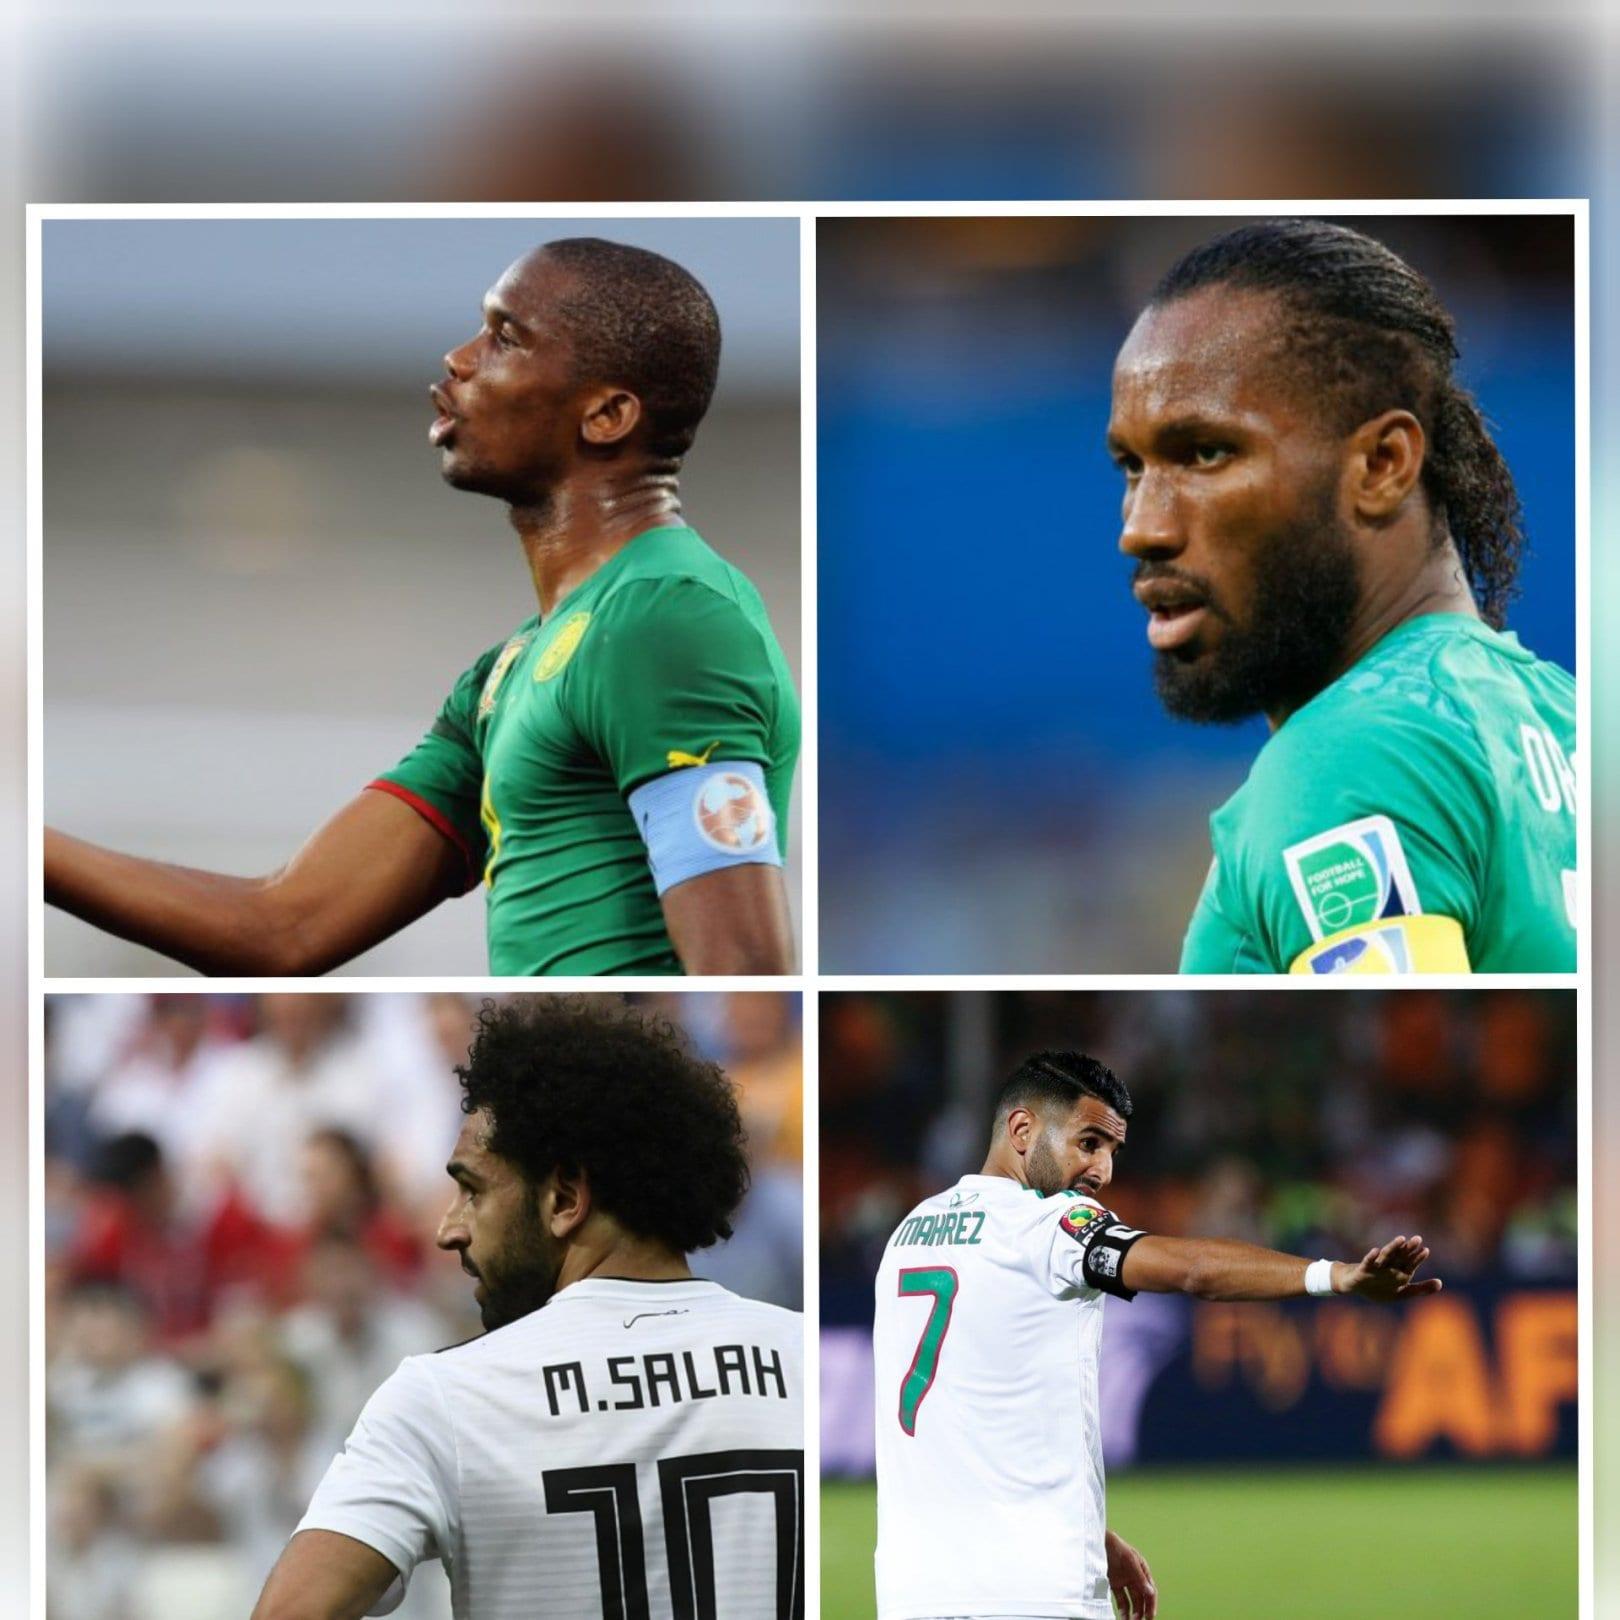 NIGERIA 2E, ALGÉRIE 5E, VOICI LE TOP 10 DES ÉQUIPES AFRICAINES AVEC LE PLUS GRAND NOMBRE DE PARTICIPATION À LA COUPE DU MONDE